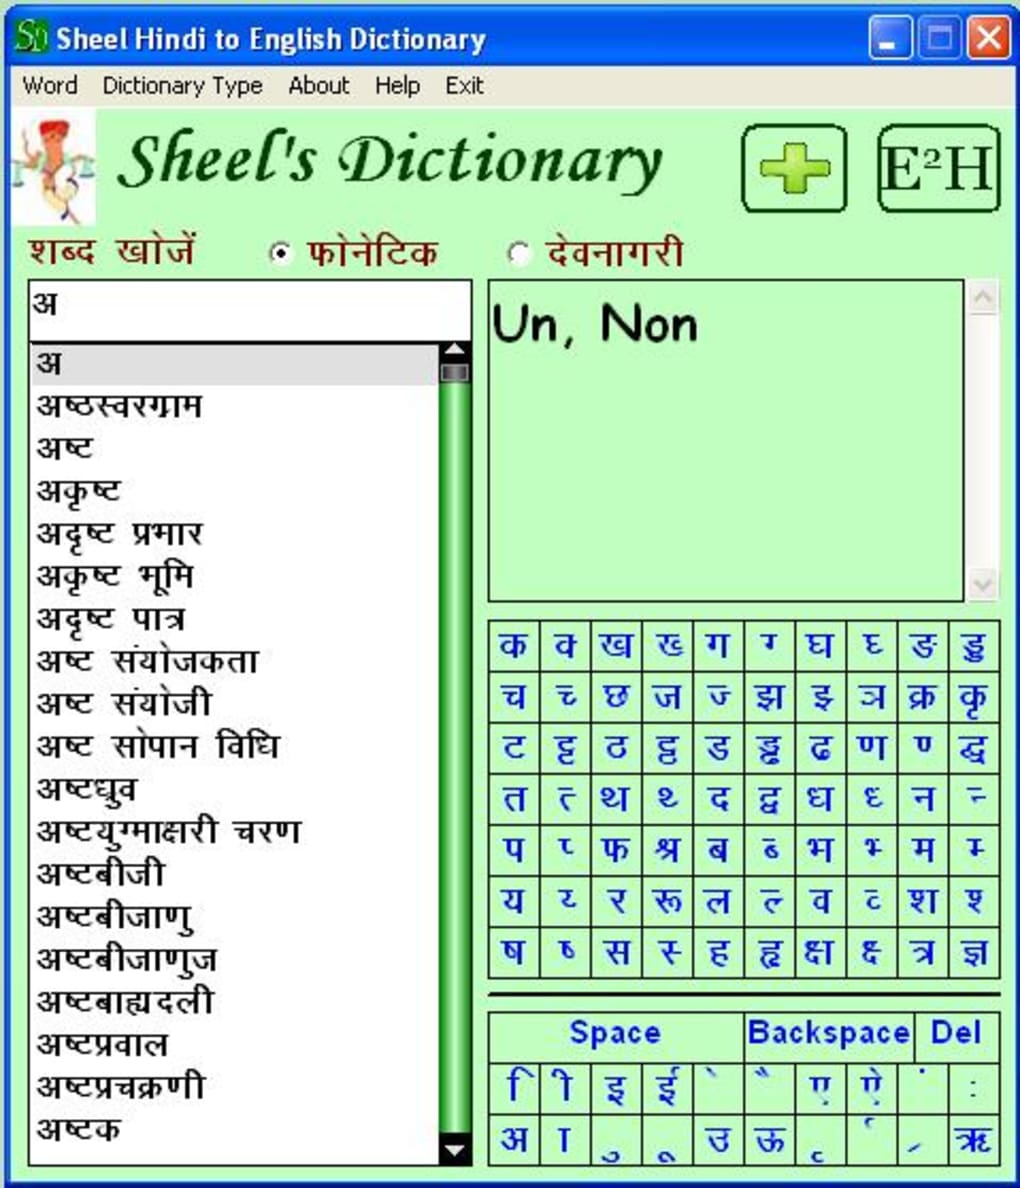 Sheels Hindi to English Dictionary - Download